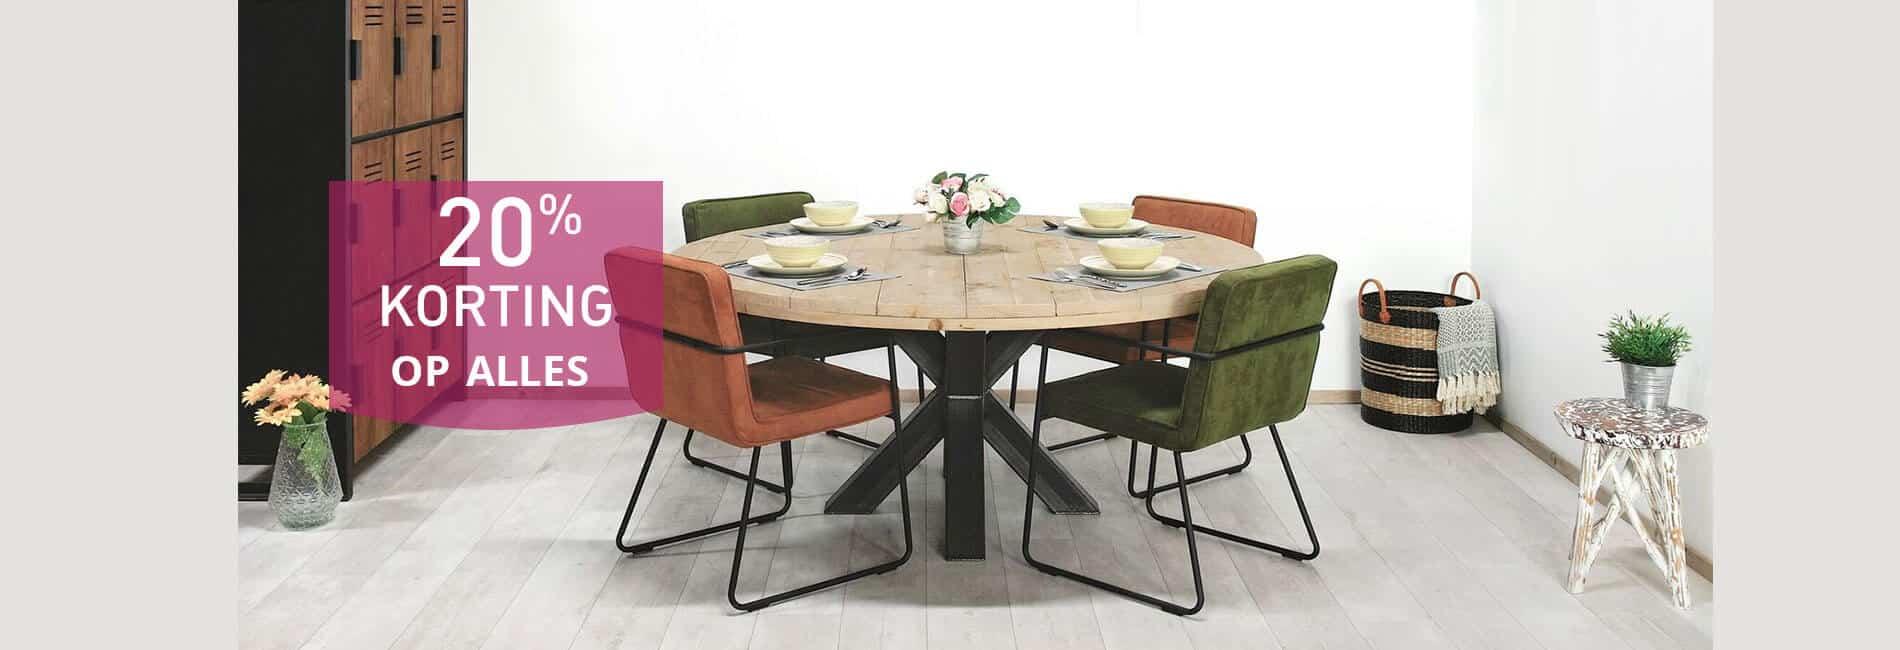 Matrix poot industriele steigerhouten tafel Burley